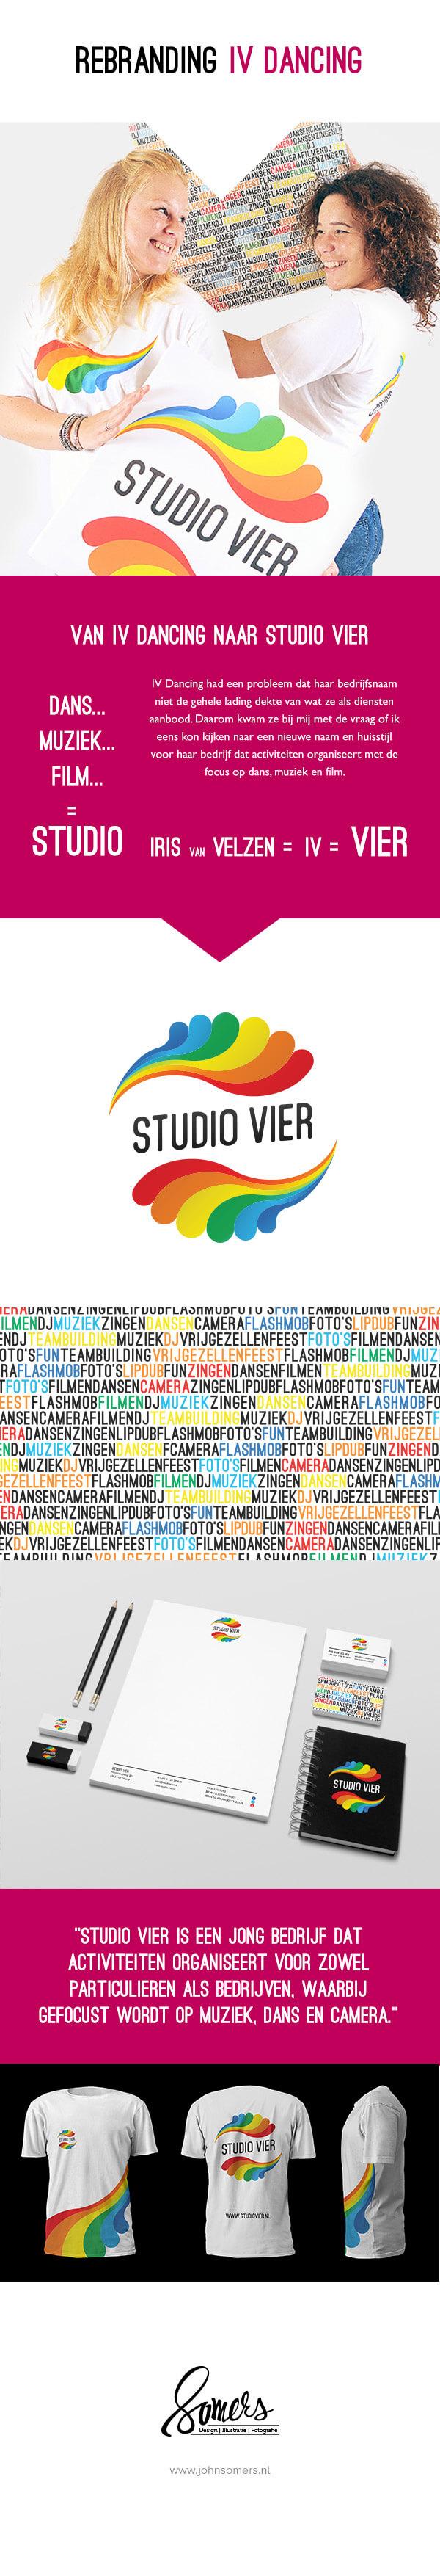 StudioVier_uitlegplaat